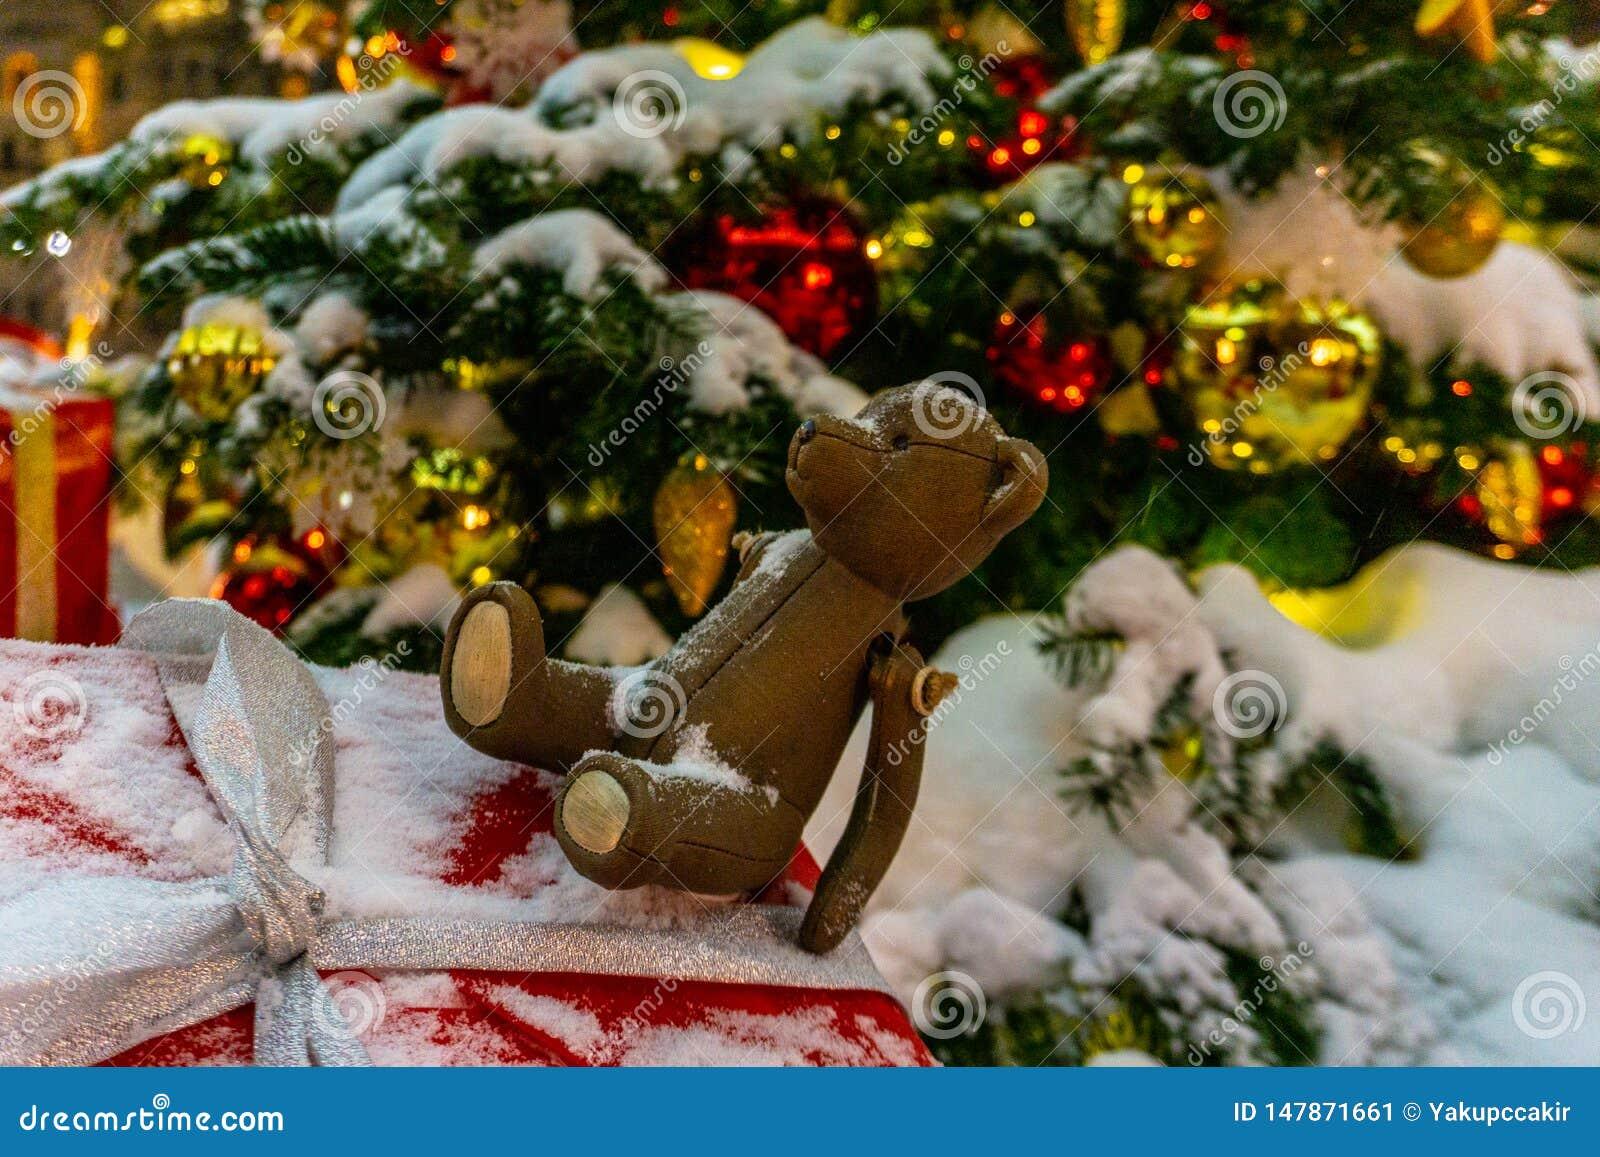 En nallebjörn och julprydnader på en julgran